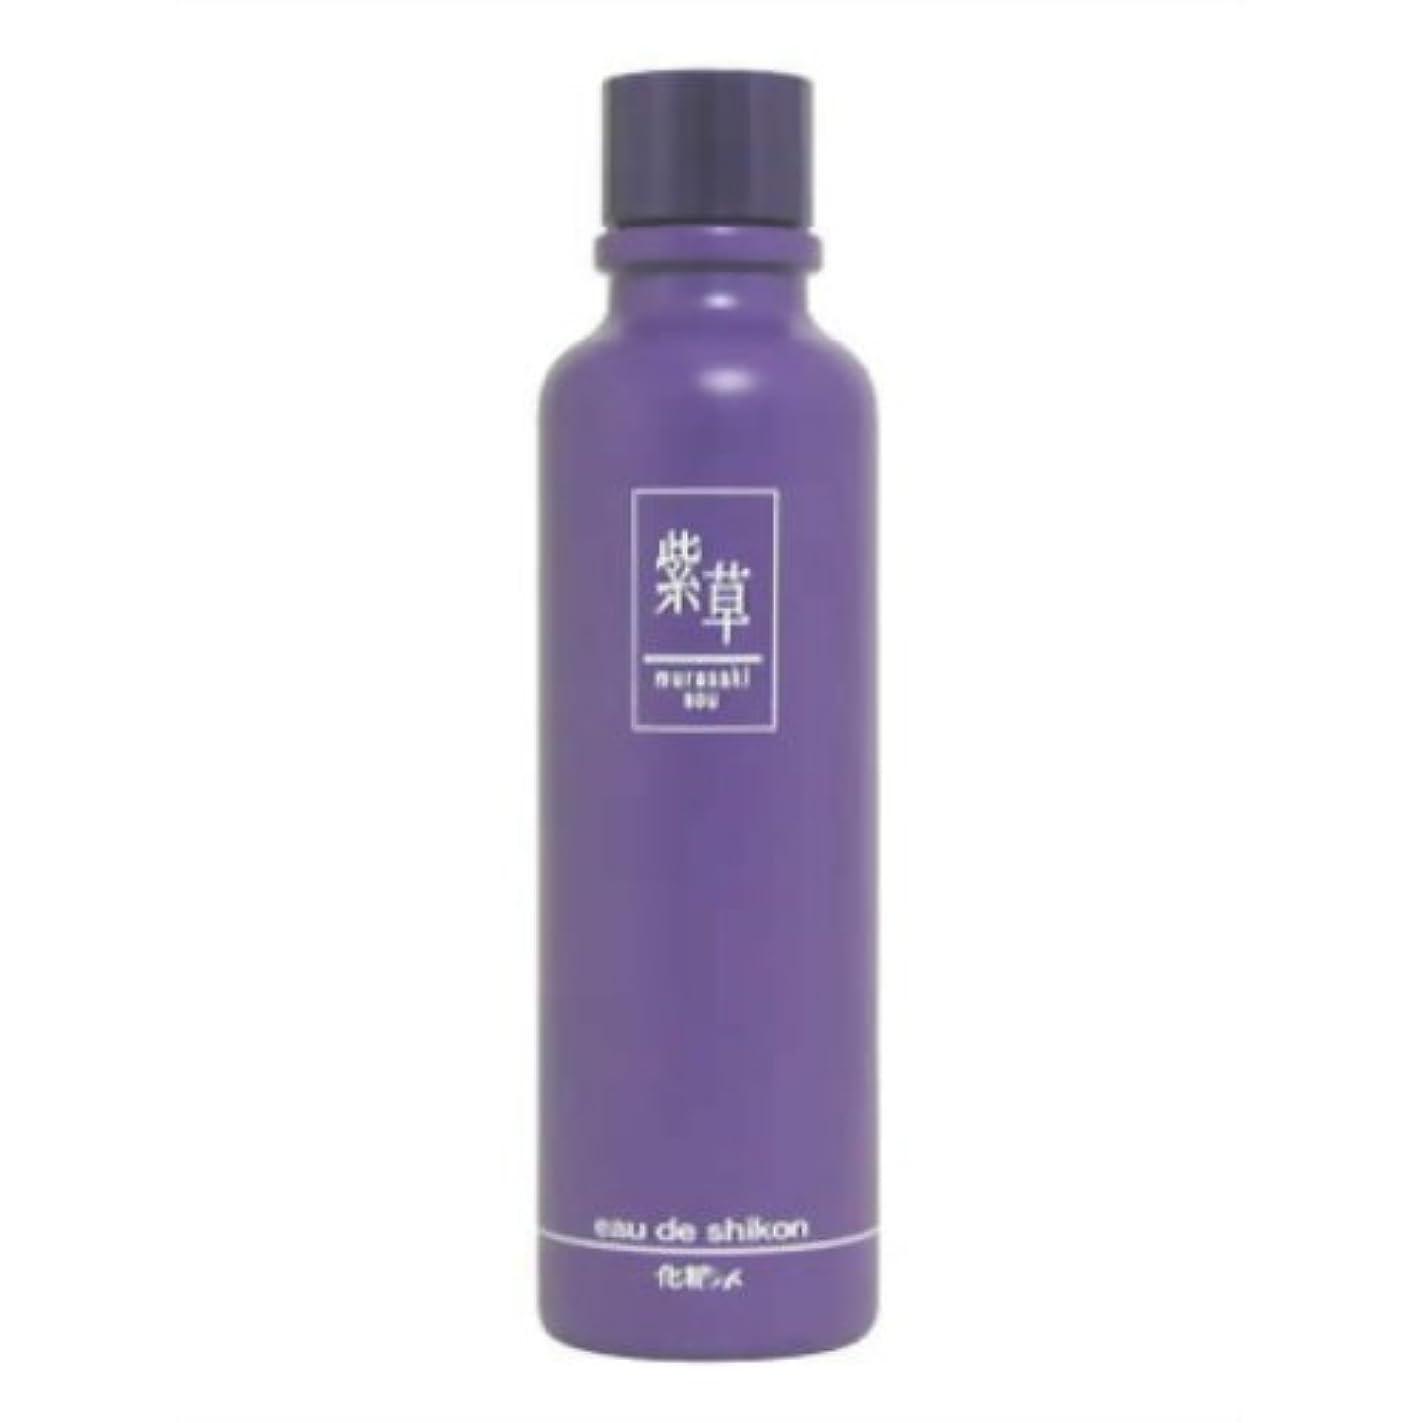 実用的実用的ミット紫草 オーデシコン無香料(化粧水)